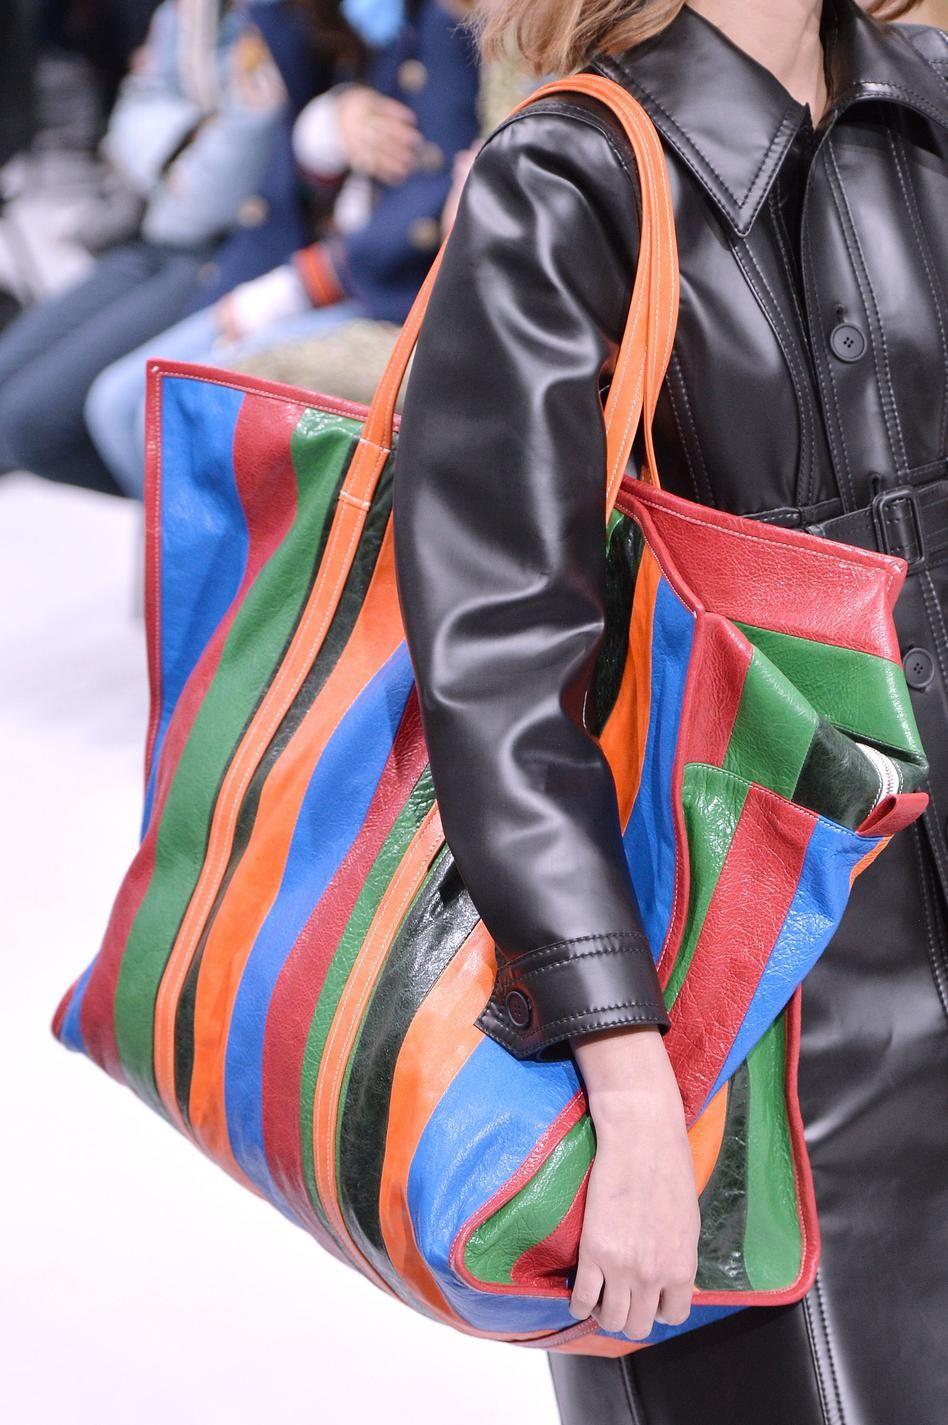 d fil balenciaga automne hiver 2016 2017 pr t porter 2017 striped bags bags ja balenciaga bag. Black Bedroom Furniture Sets. Home Design Ideas